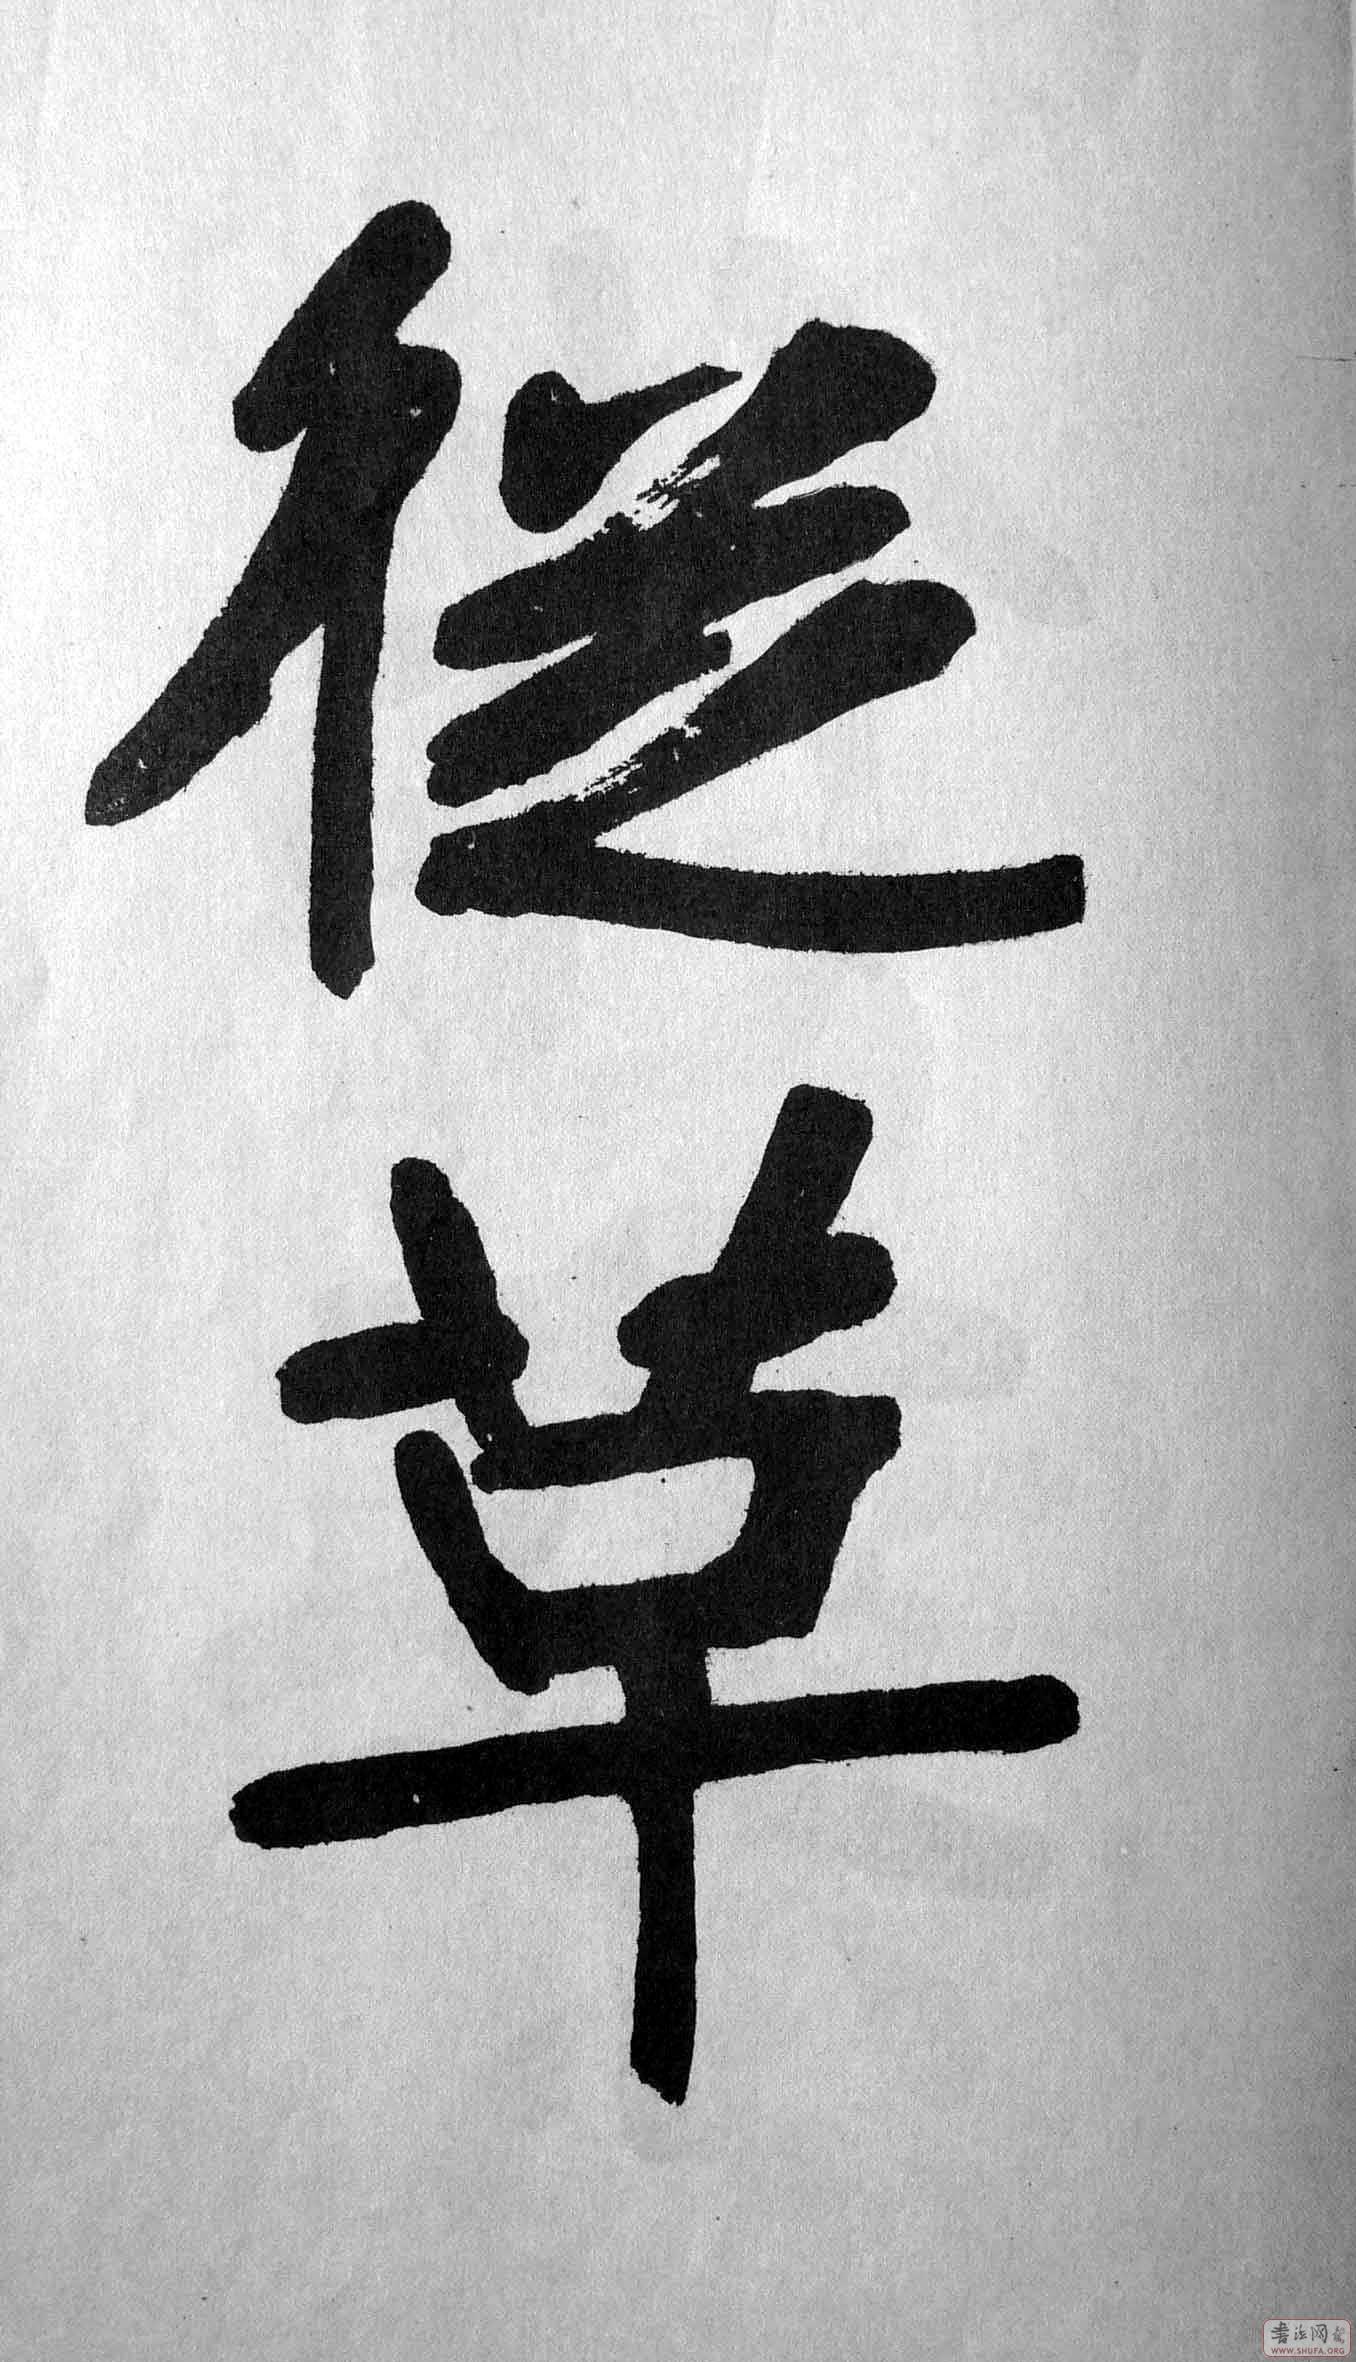 张裕钊书 宝剑赞 - 知足常乐 - 知足常乐的博客